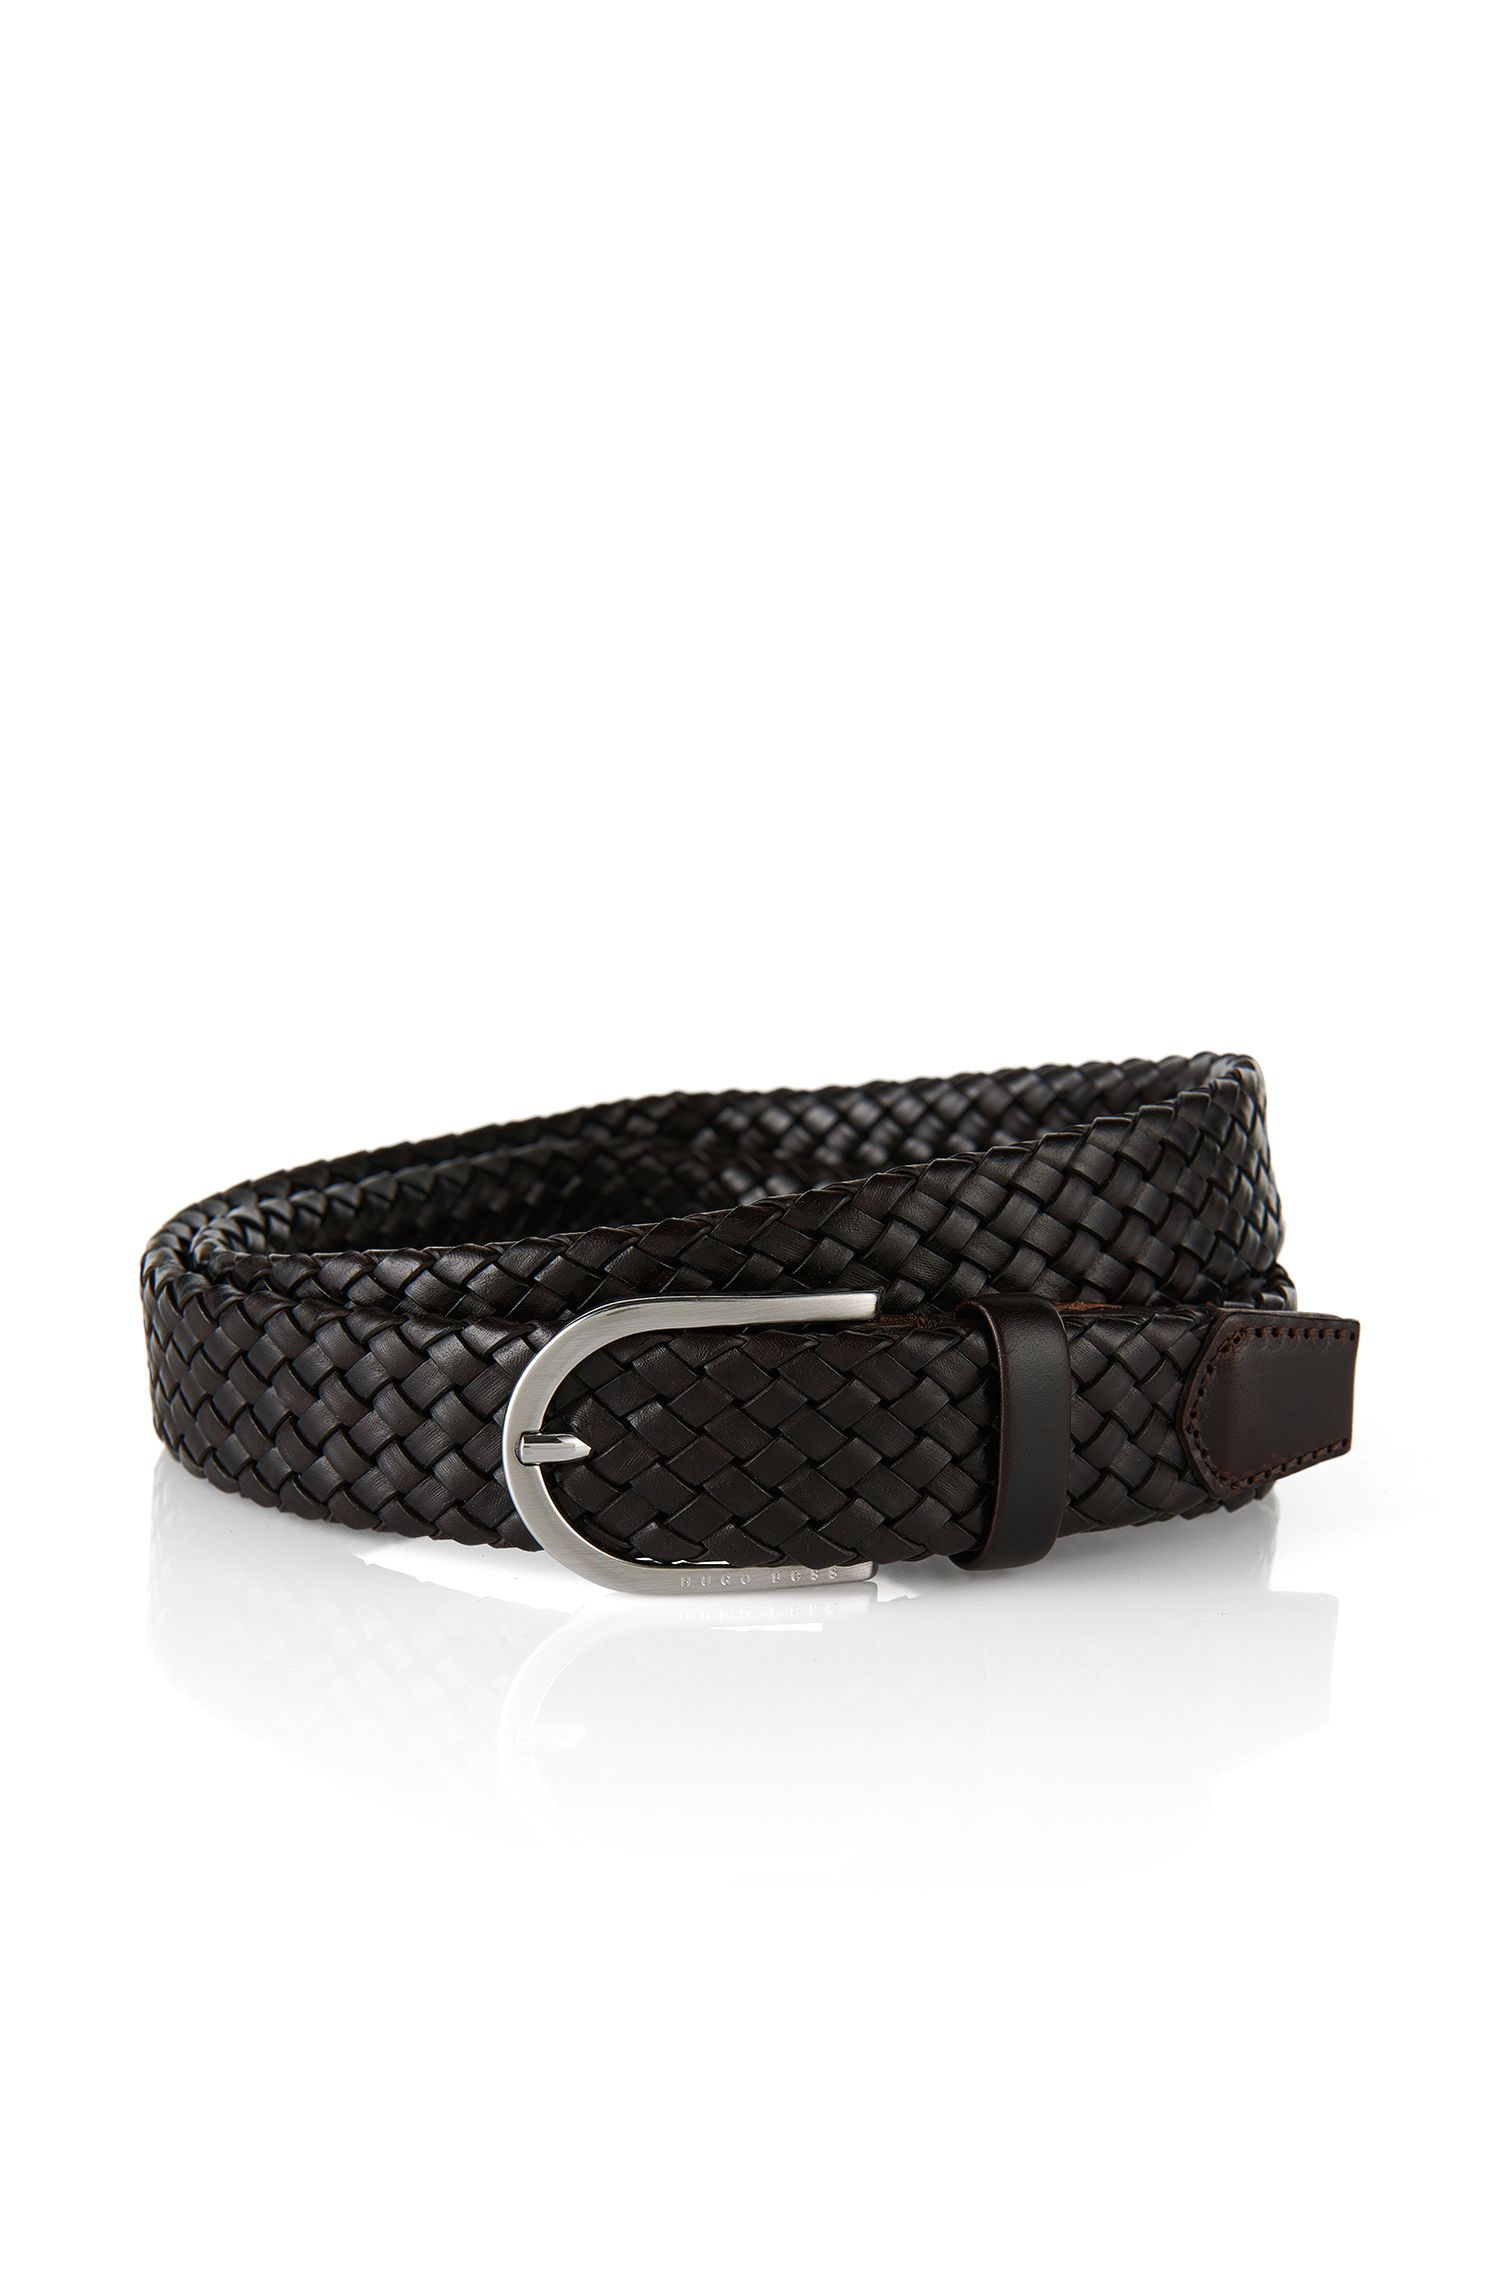 'Naliton'   Leather Braided Belt